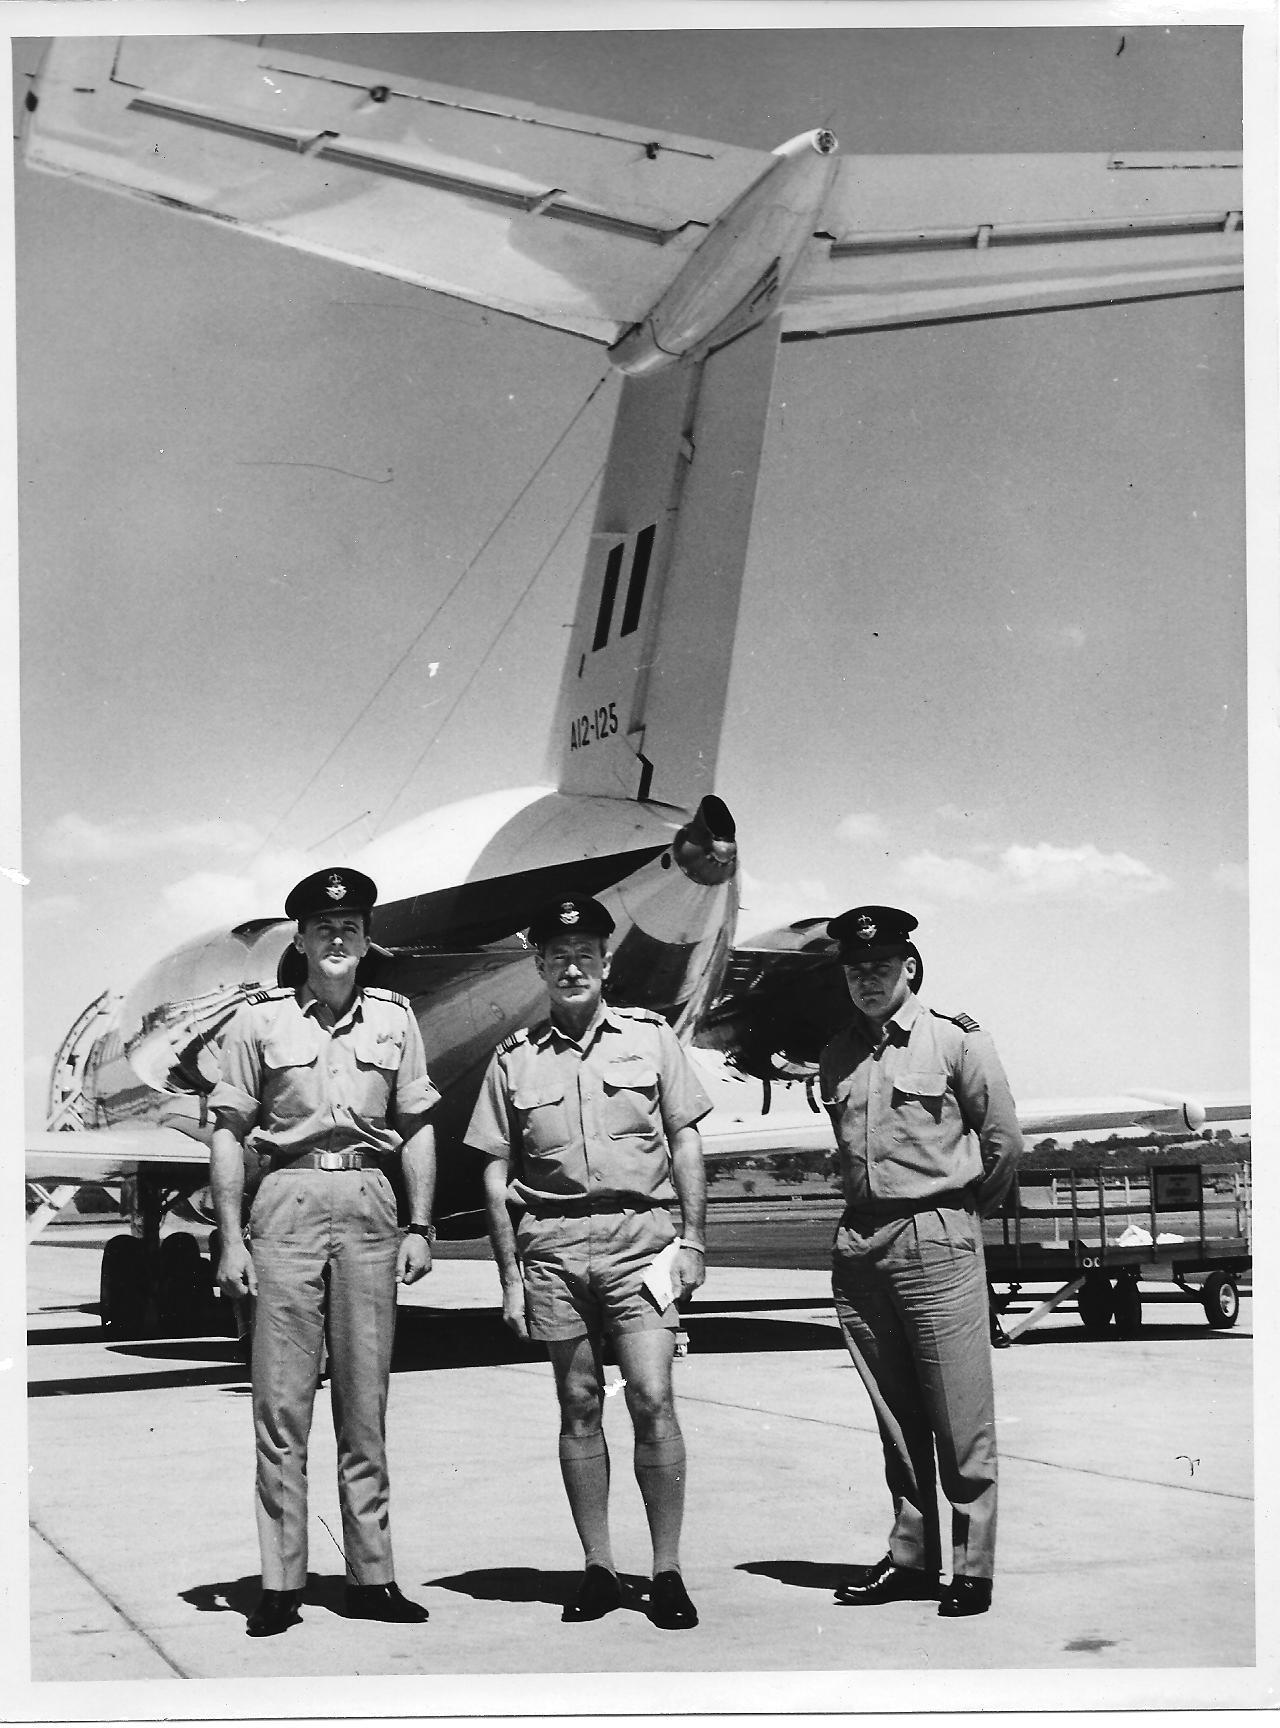 BAC 1-11 Ferry Crew 1968.jpg